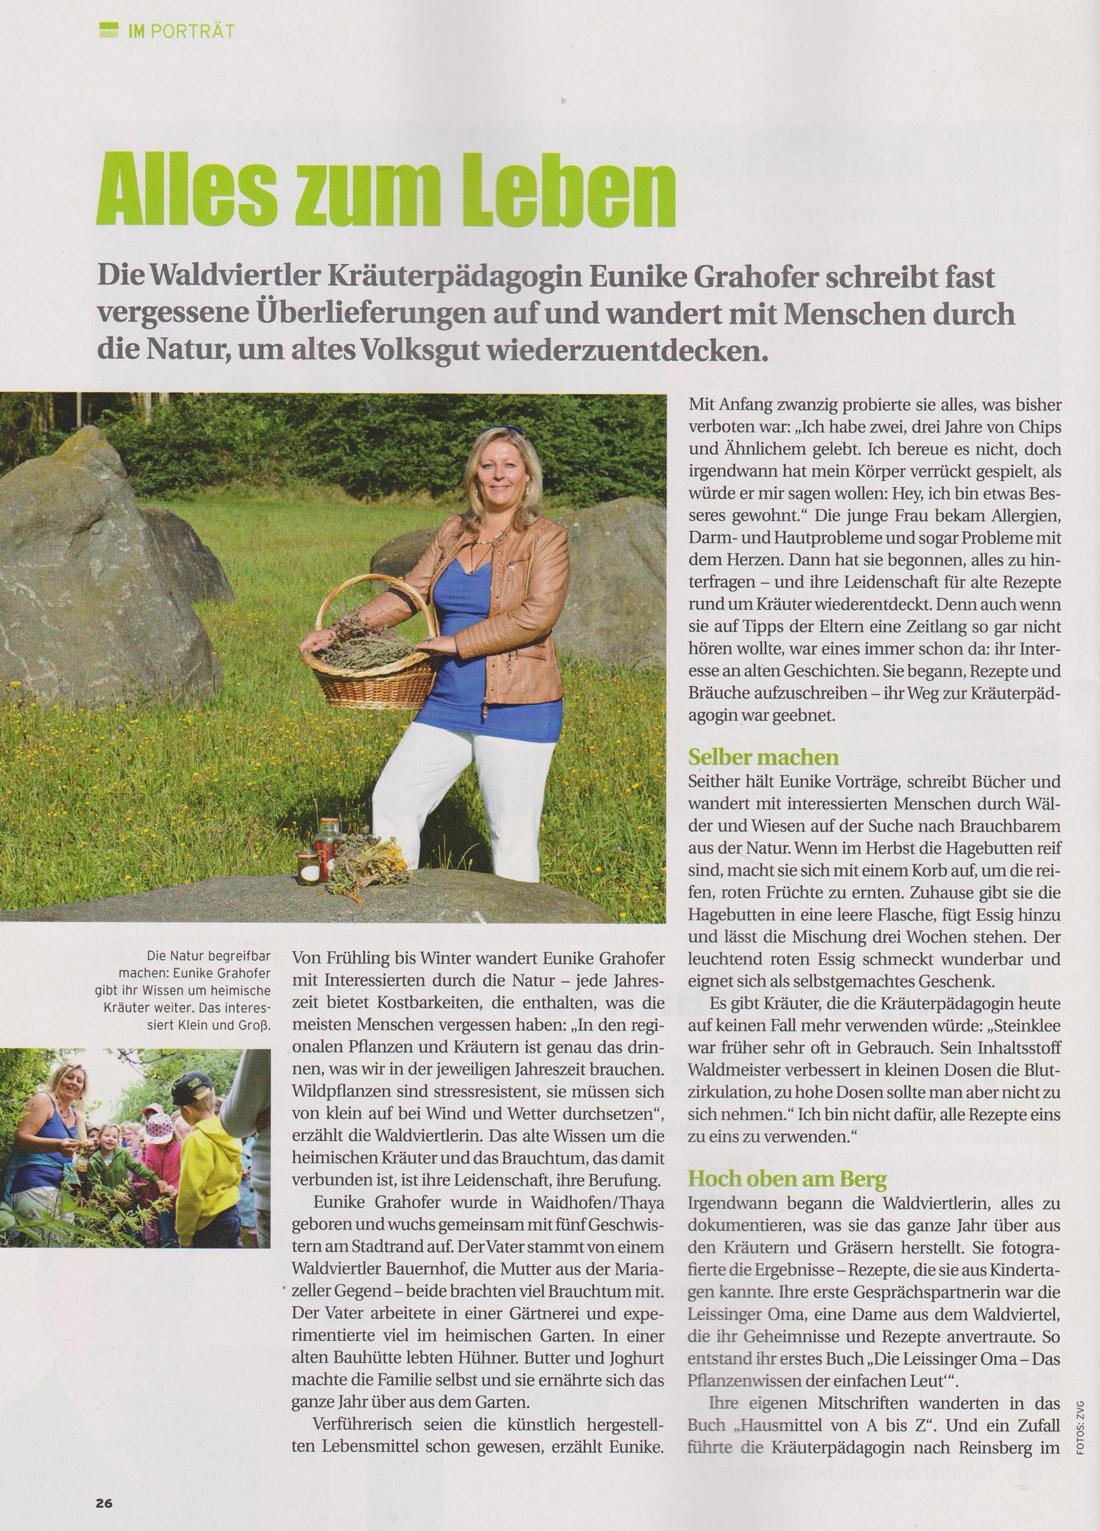 Portrait der Waldviertler Kräuterpädagogin aus Waidhofen. Eunike Grahofer schreibt fast vergessene Überlieferungen auf.